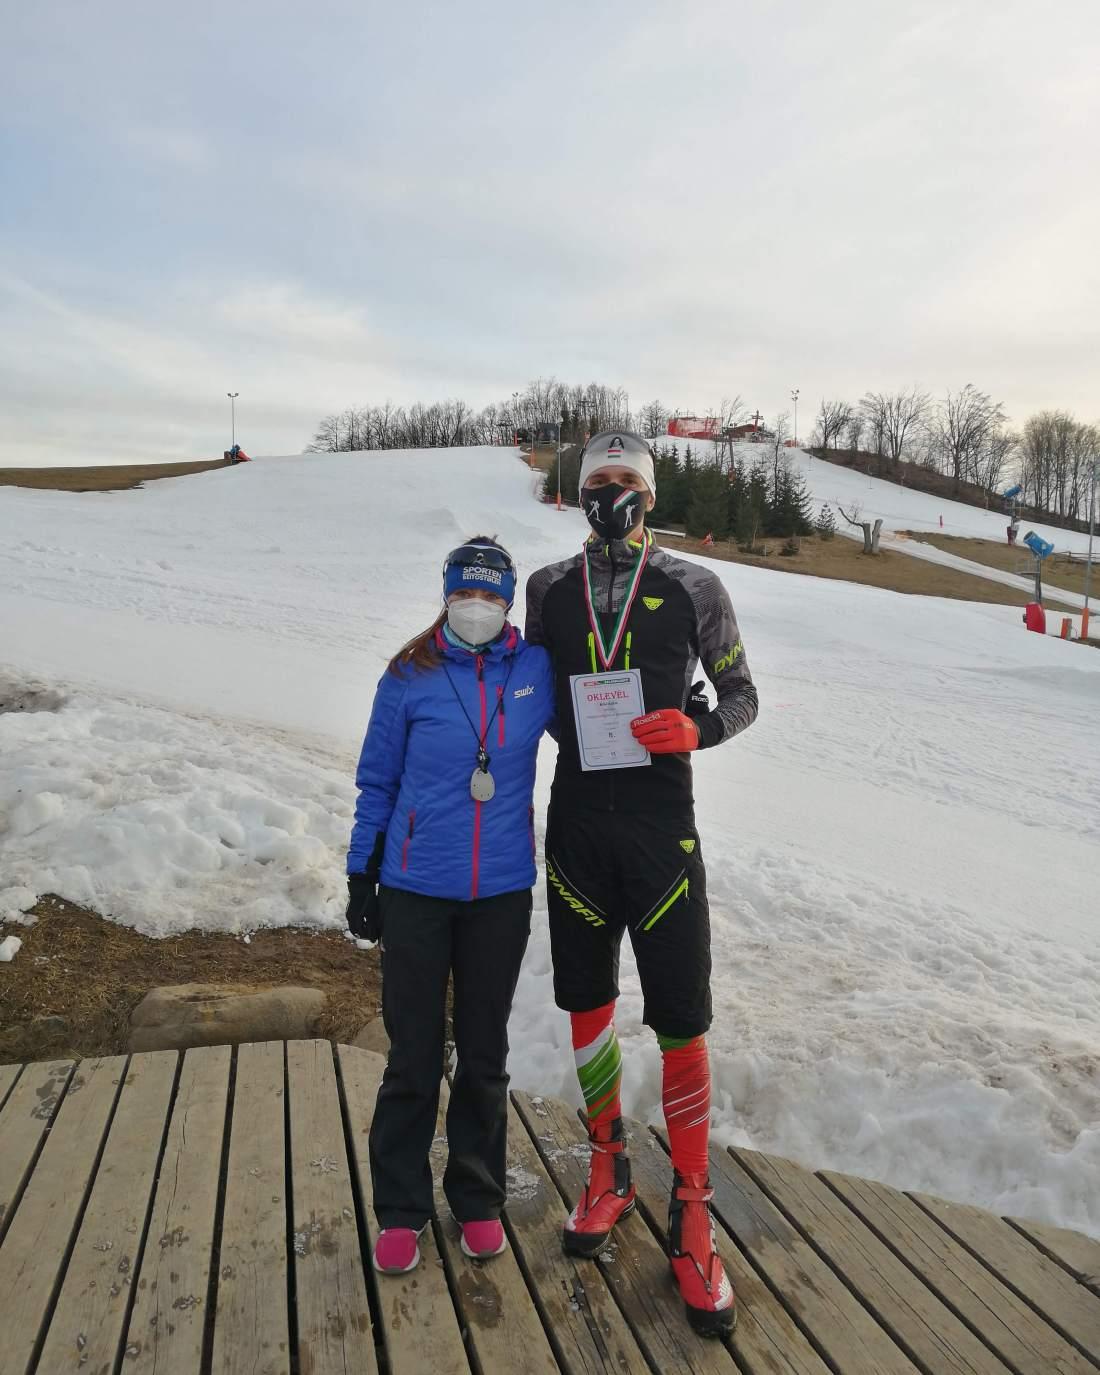 Büki Ádám harmadik lett a sífutó országos bajnokságon